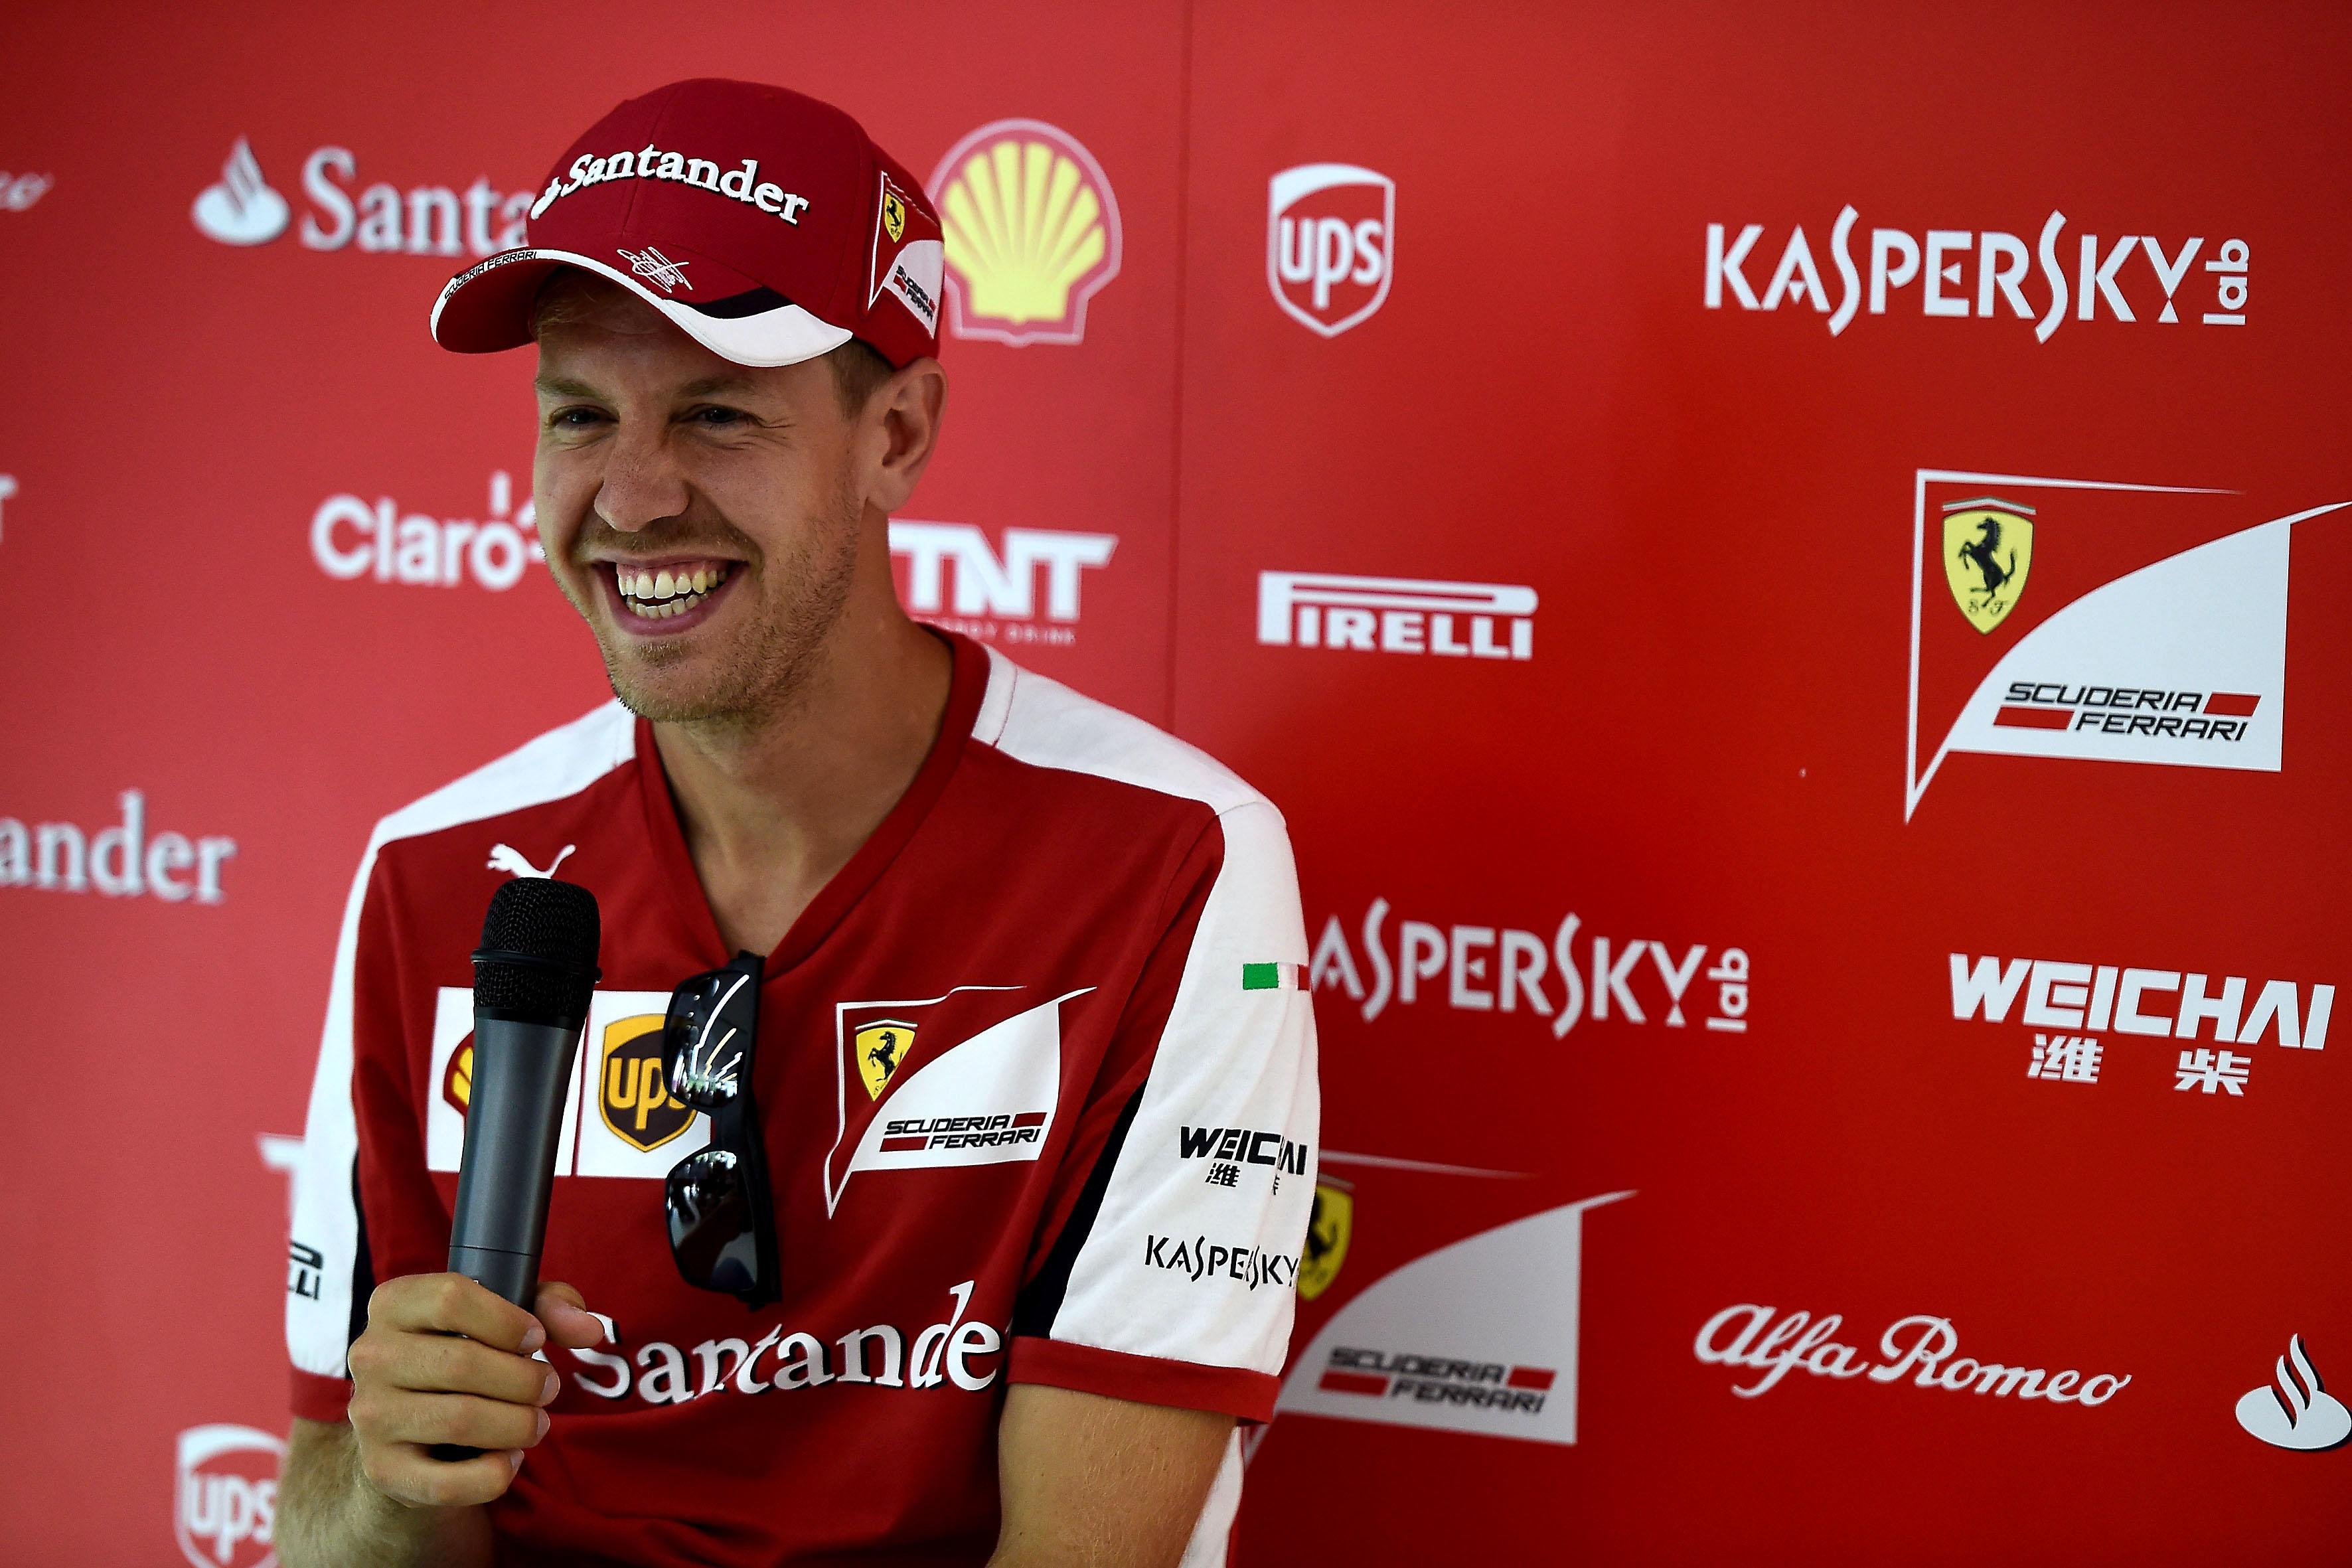 Belgio: Vettel realistico, ma pronto a lottare